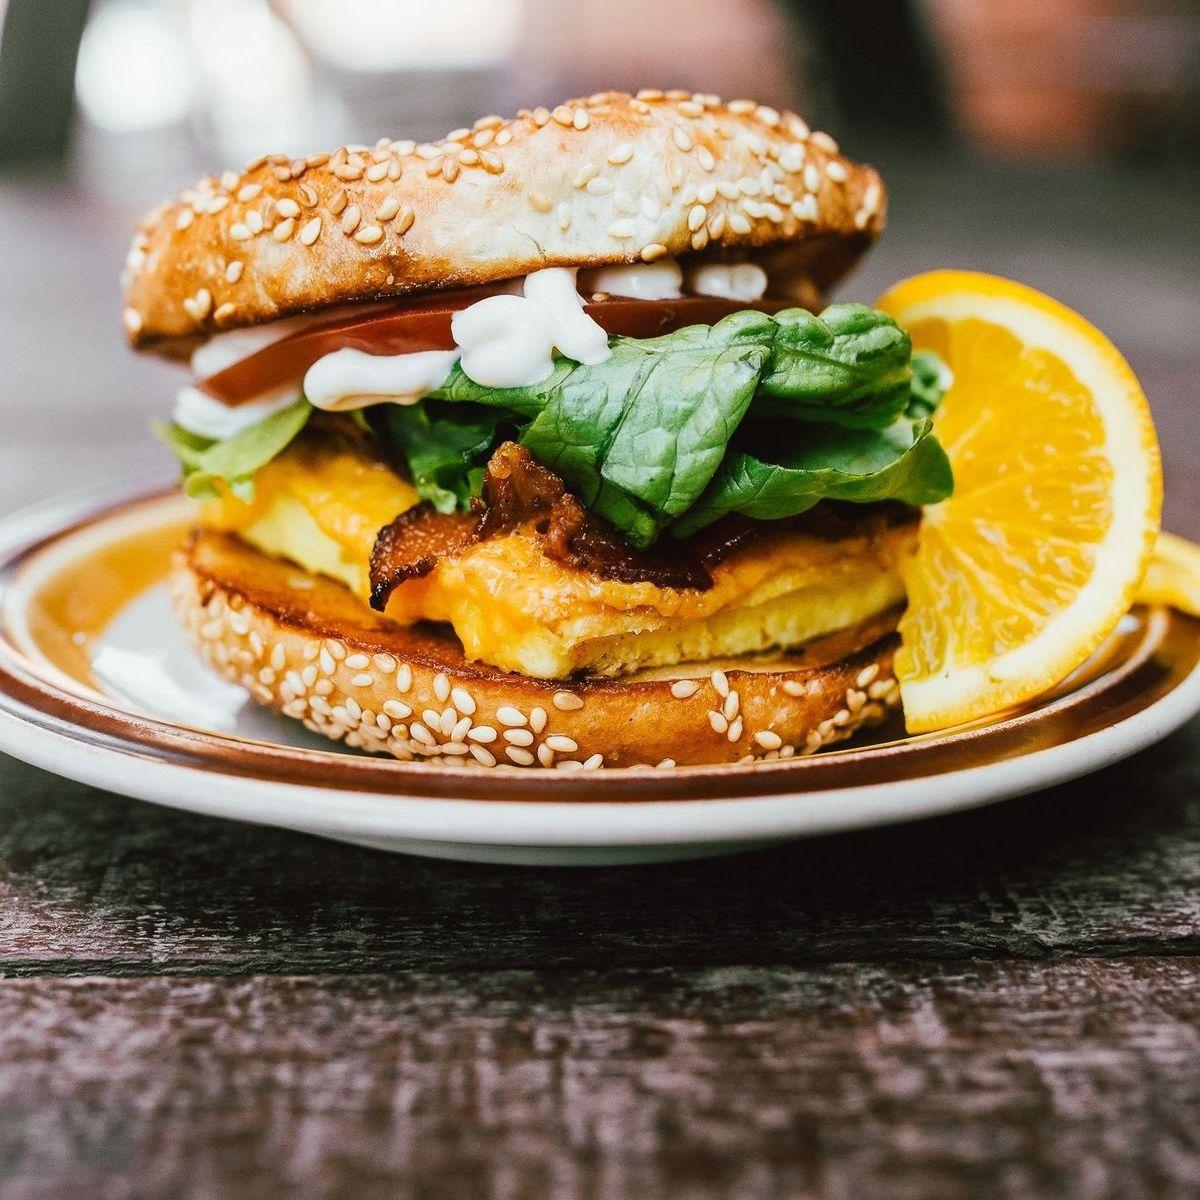 A bagel with breakfast sandwich fillings on a plate.